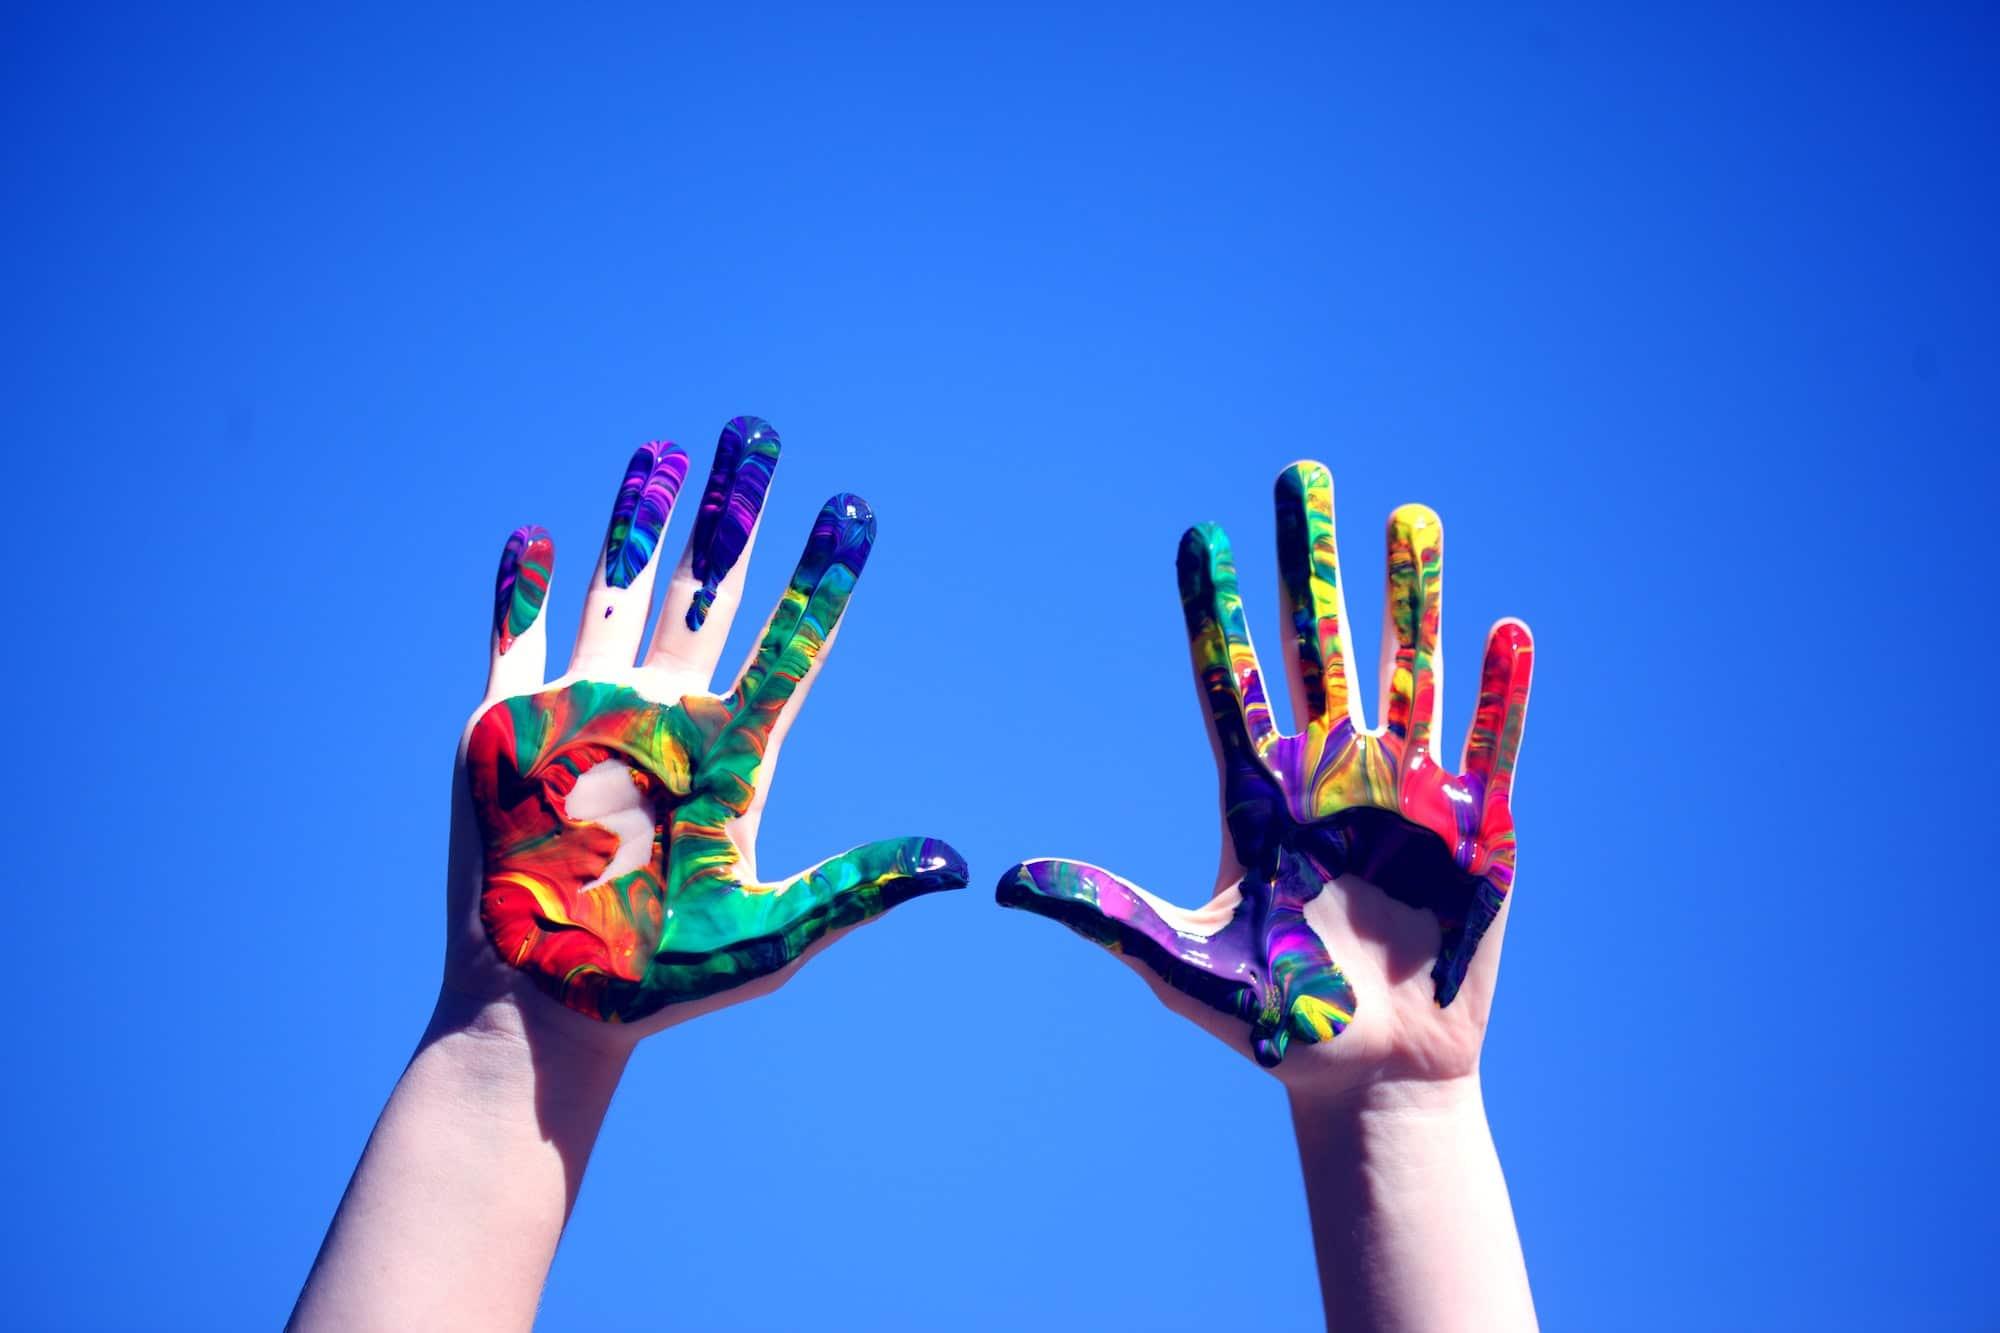 Mains pleine de peinture